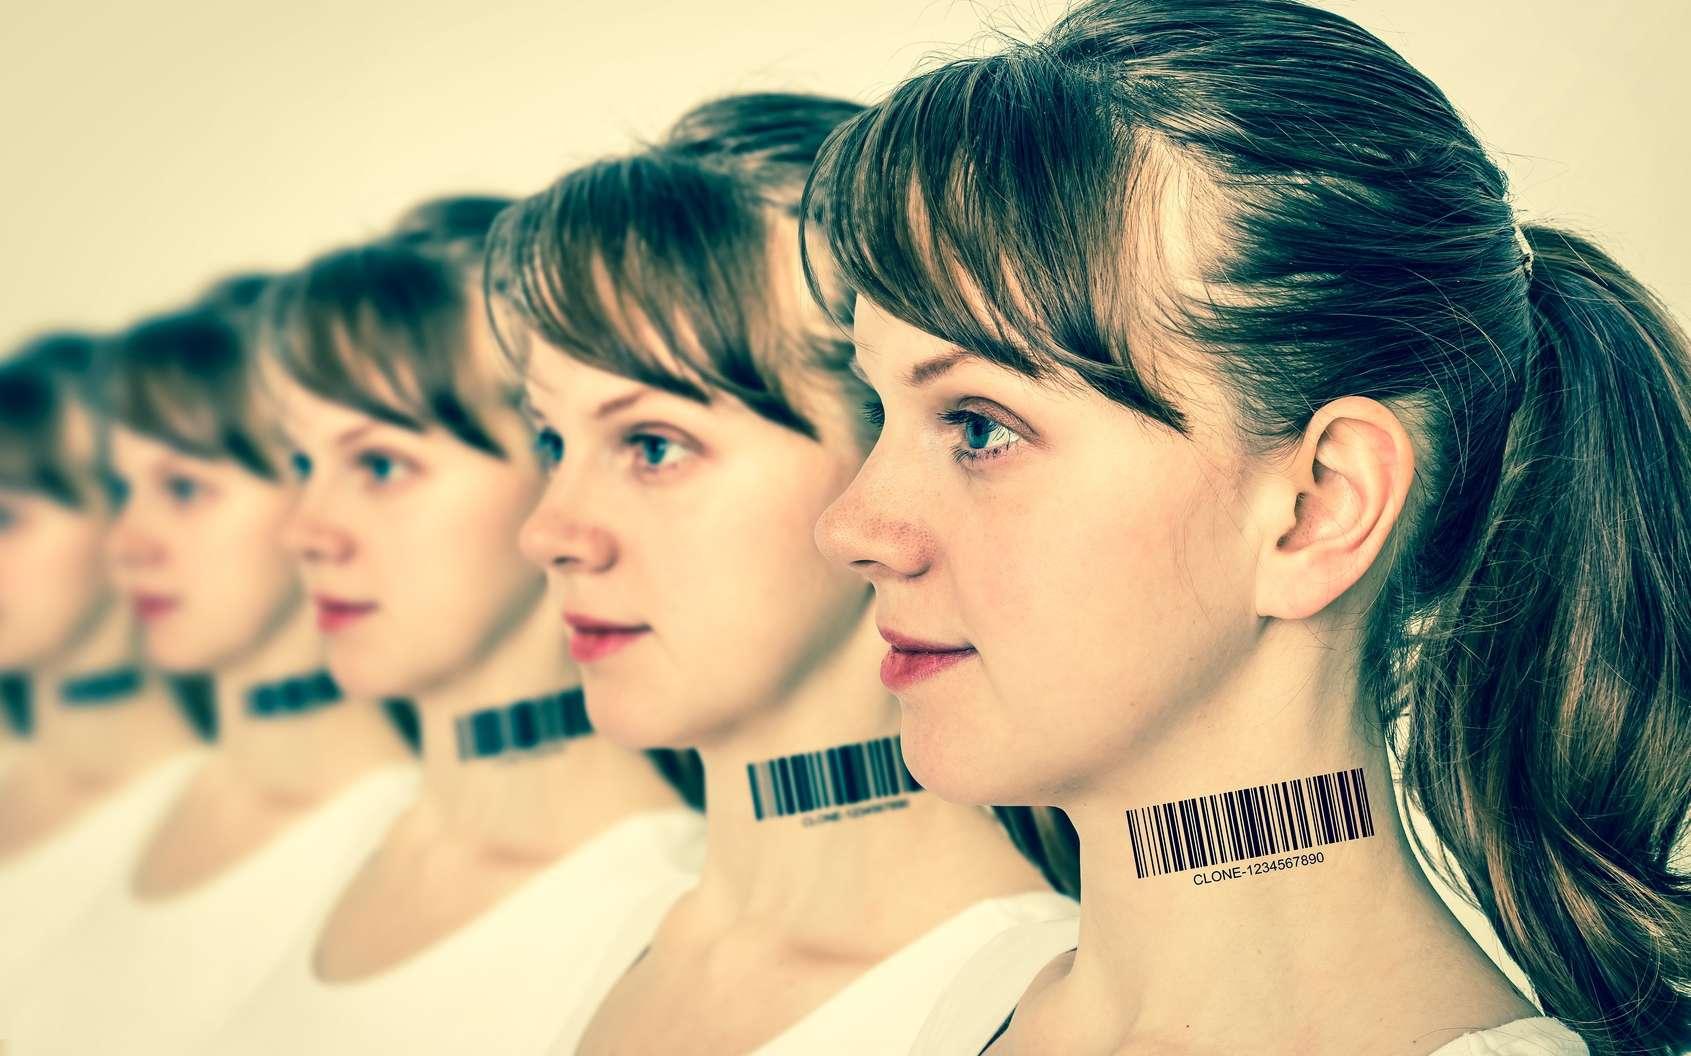 Les clones sont tous génétiquement identiques. © andriano_cz, Fotolia